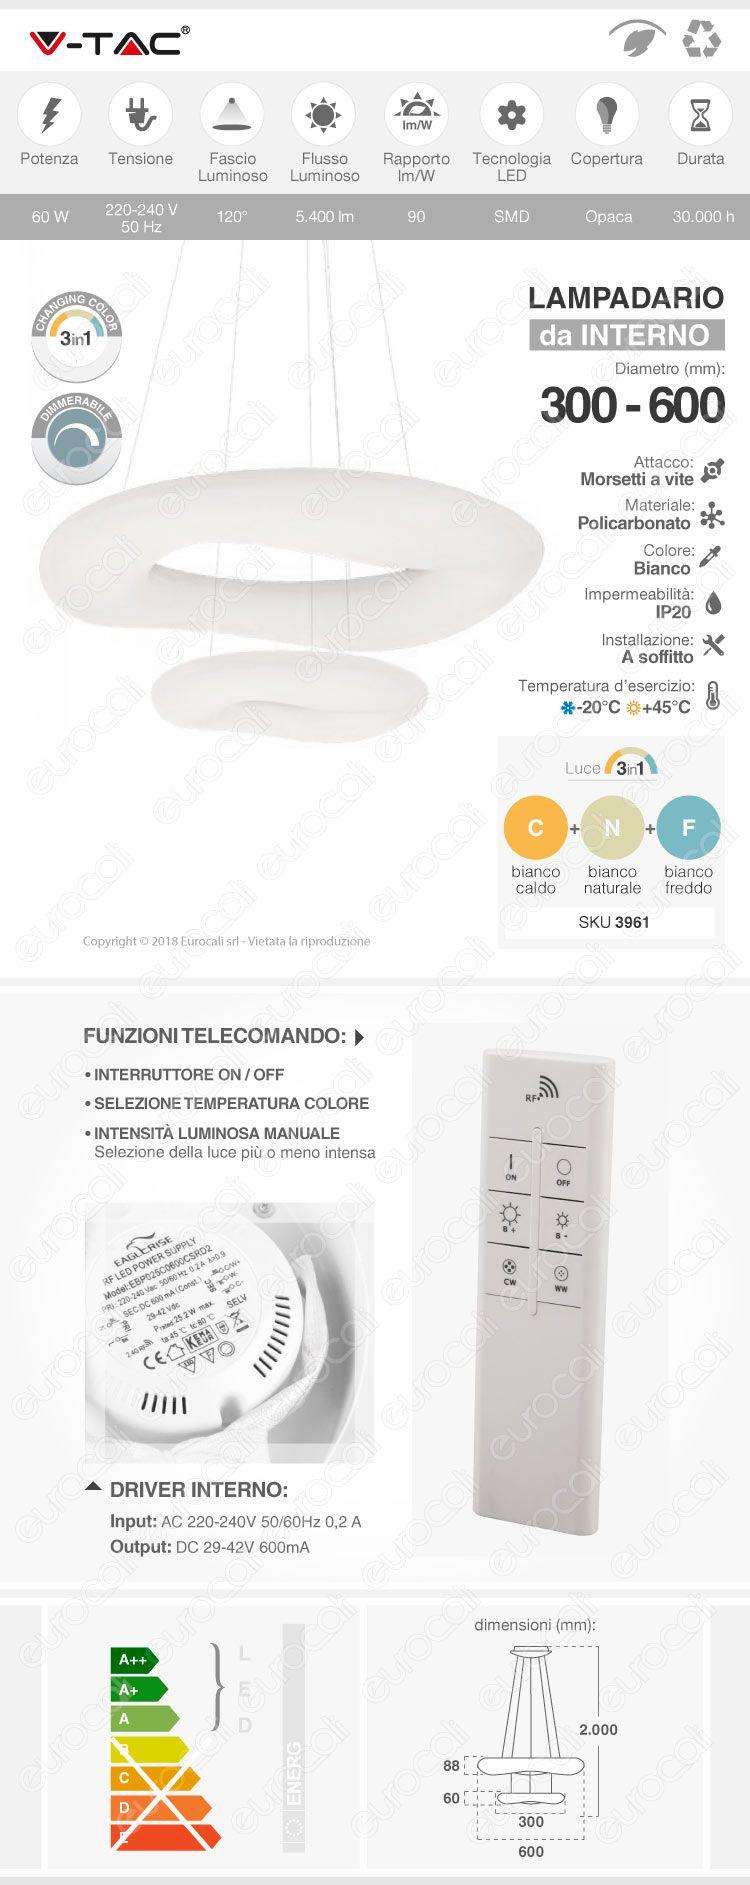 V-Tac VT-7606 Lampadario LED Anello Doppio 60W Sospensione Forma Circolare con Telecomando